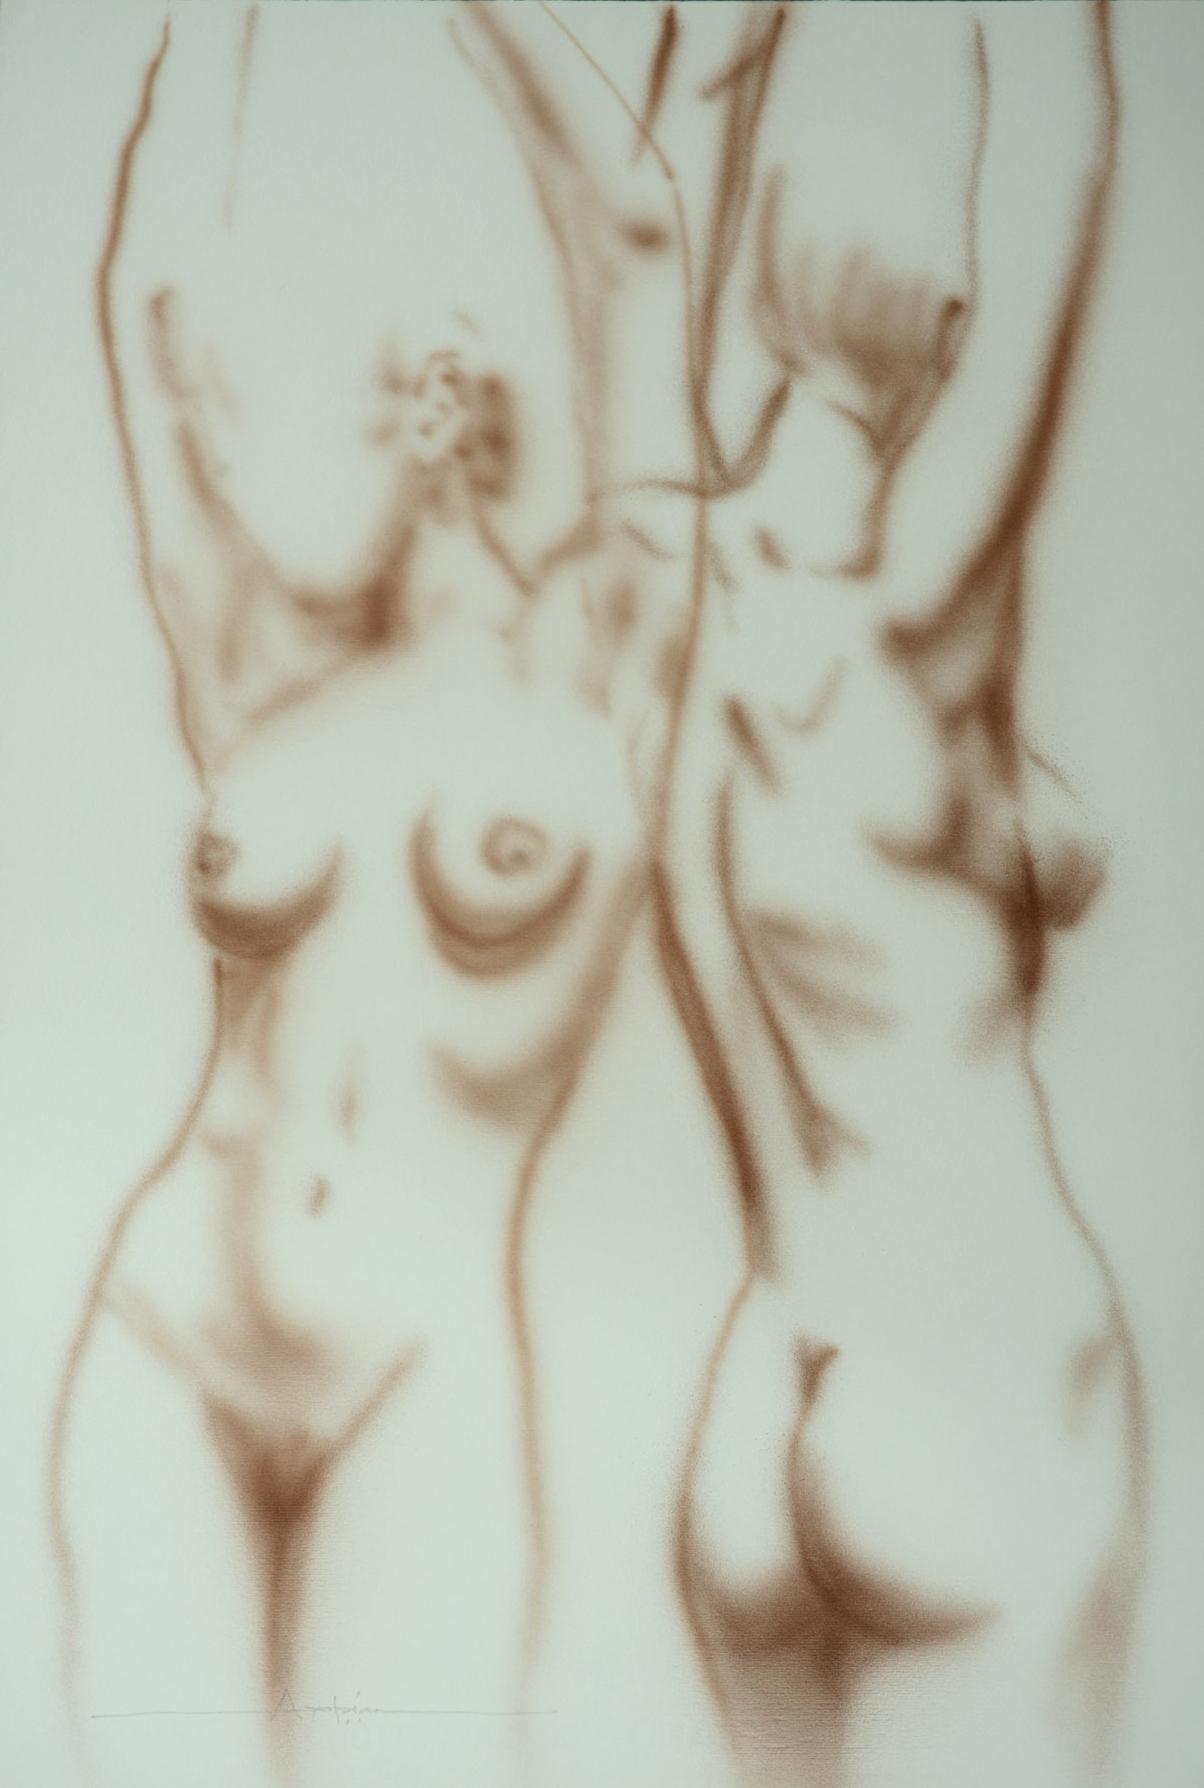 1990 4 Nude - $1,500